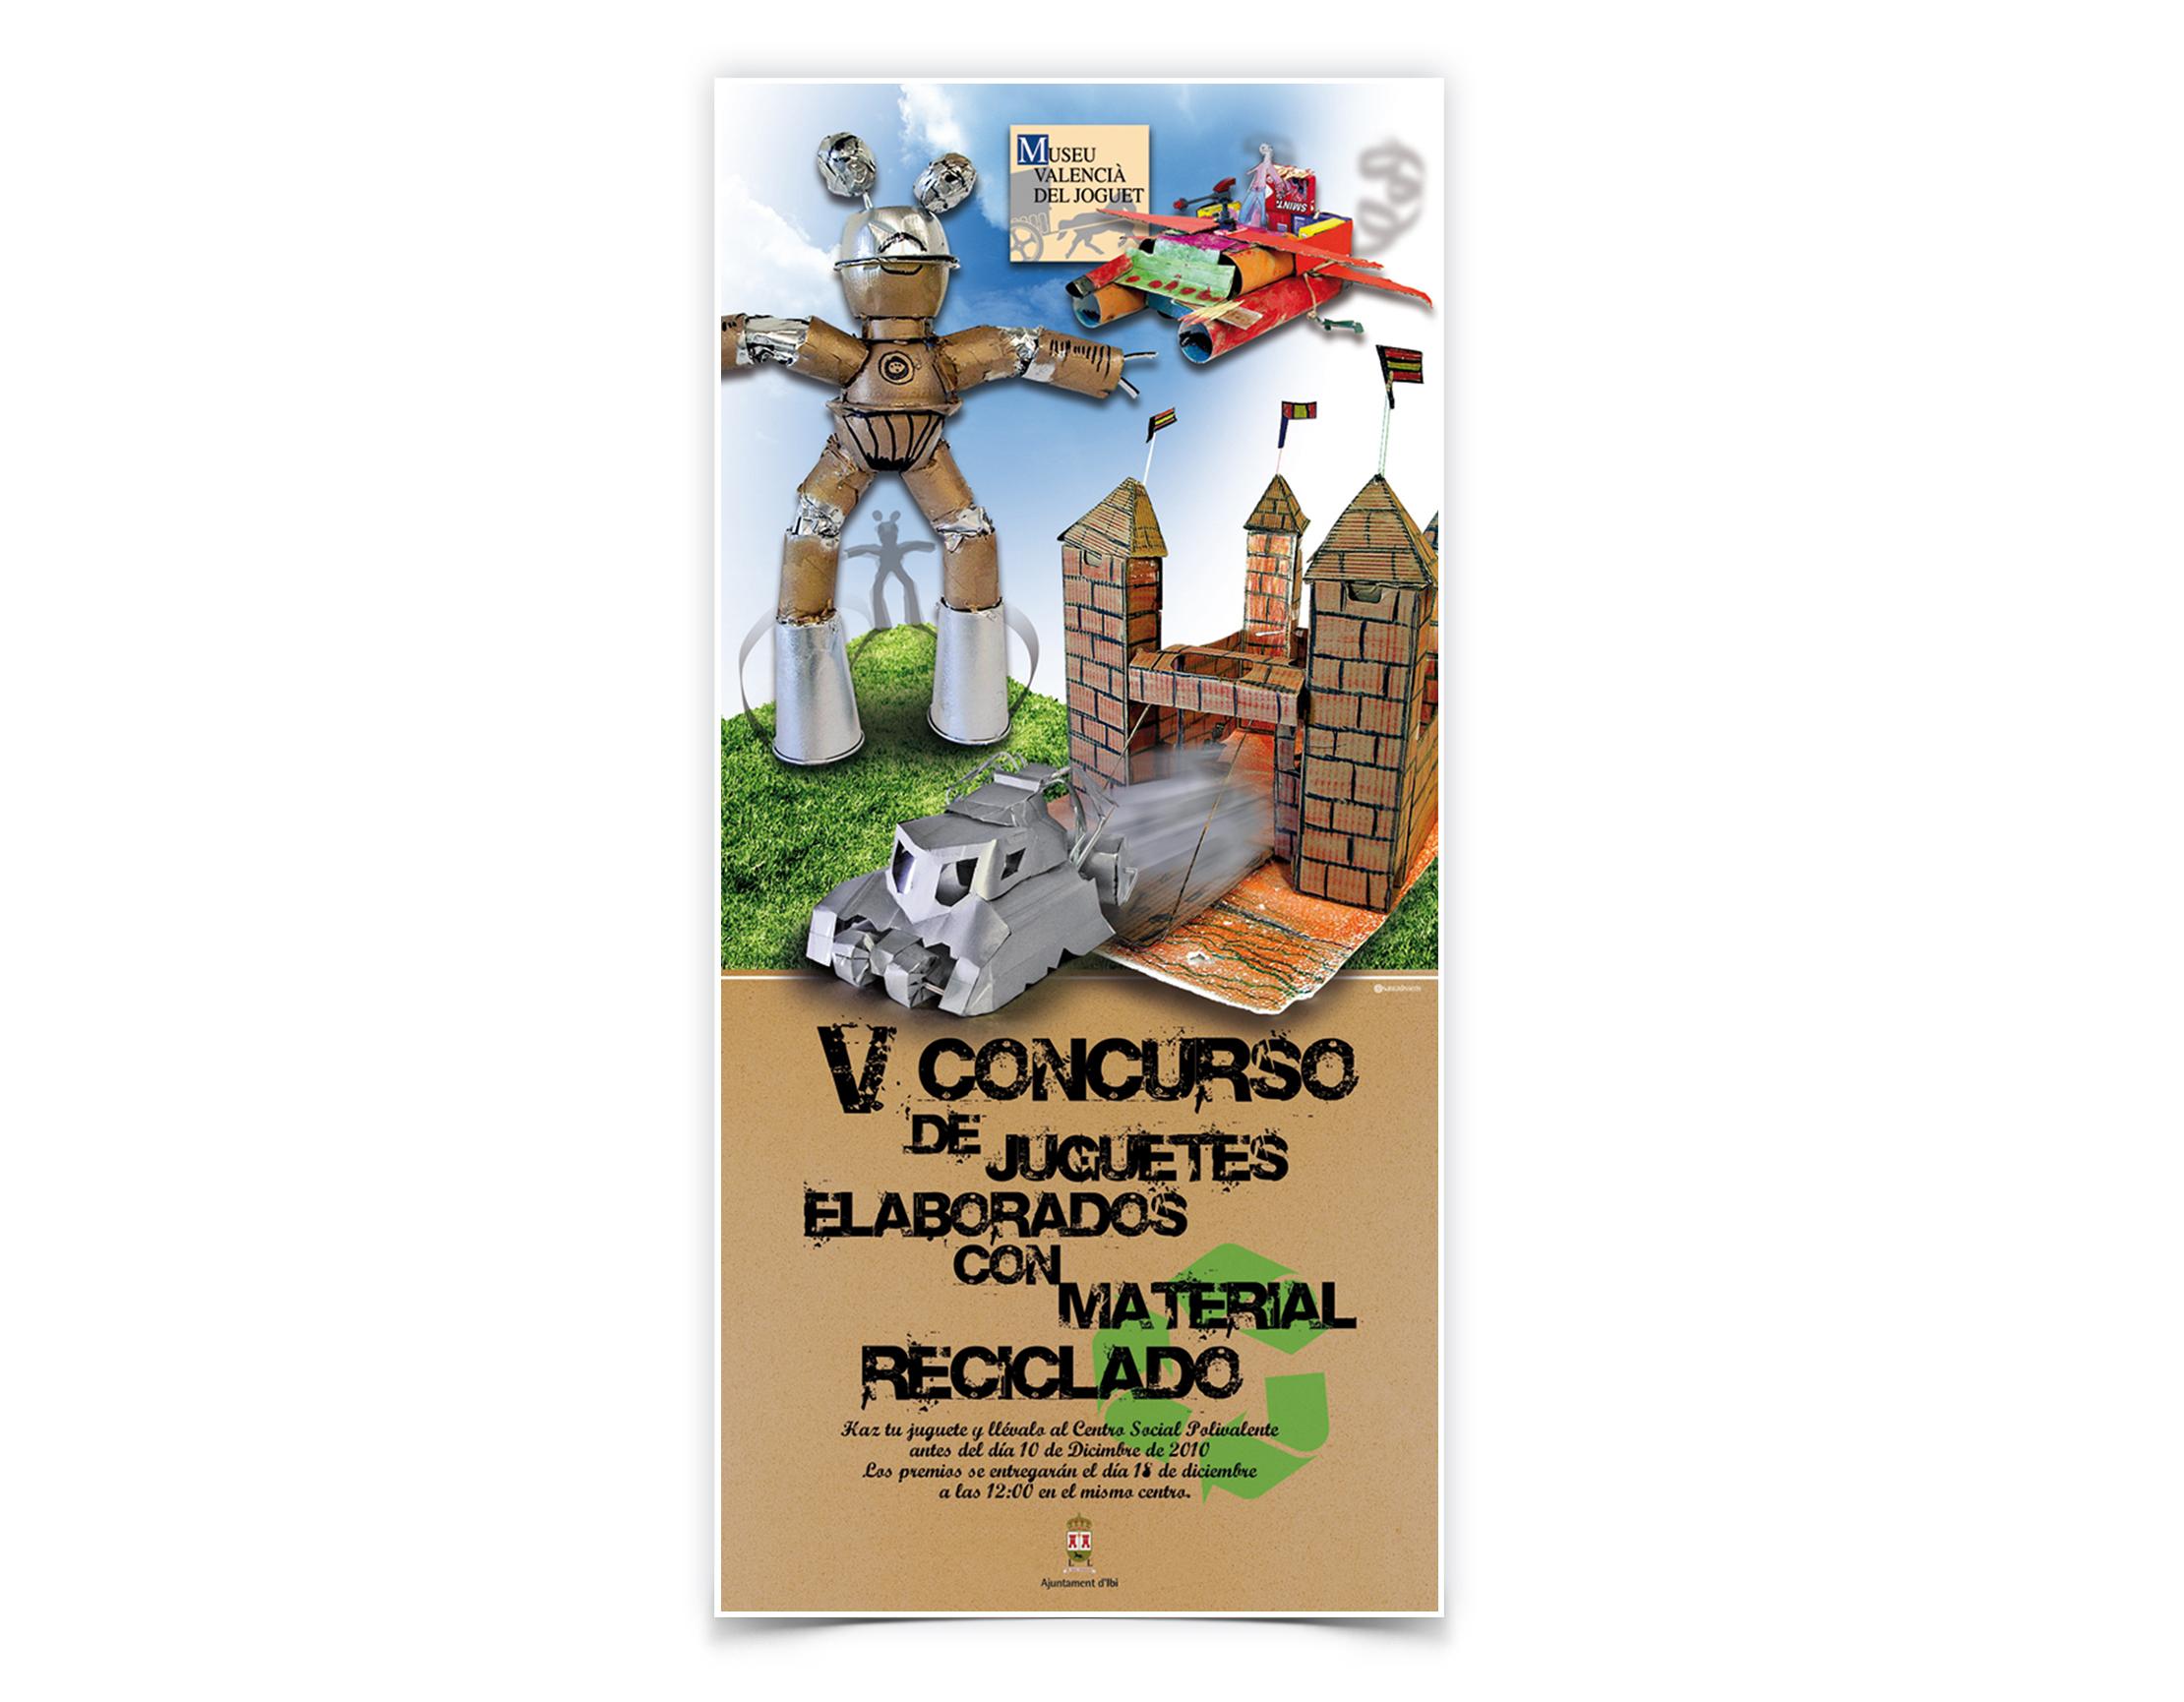 Santamaria Juguete Disseny Del Publicidad Museo Valenciano dCBhQtxosr